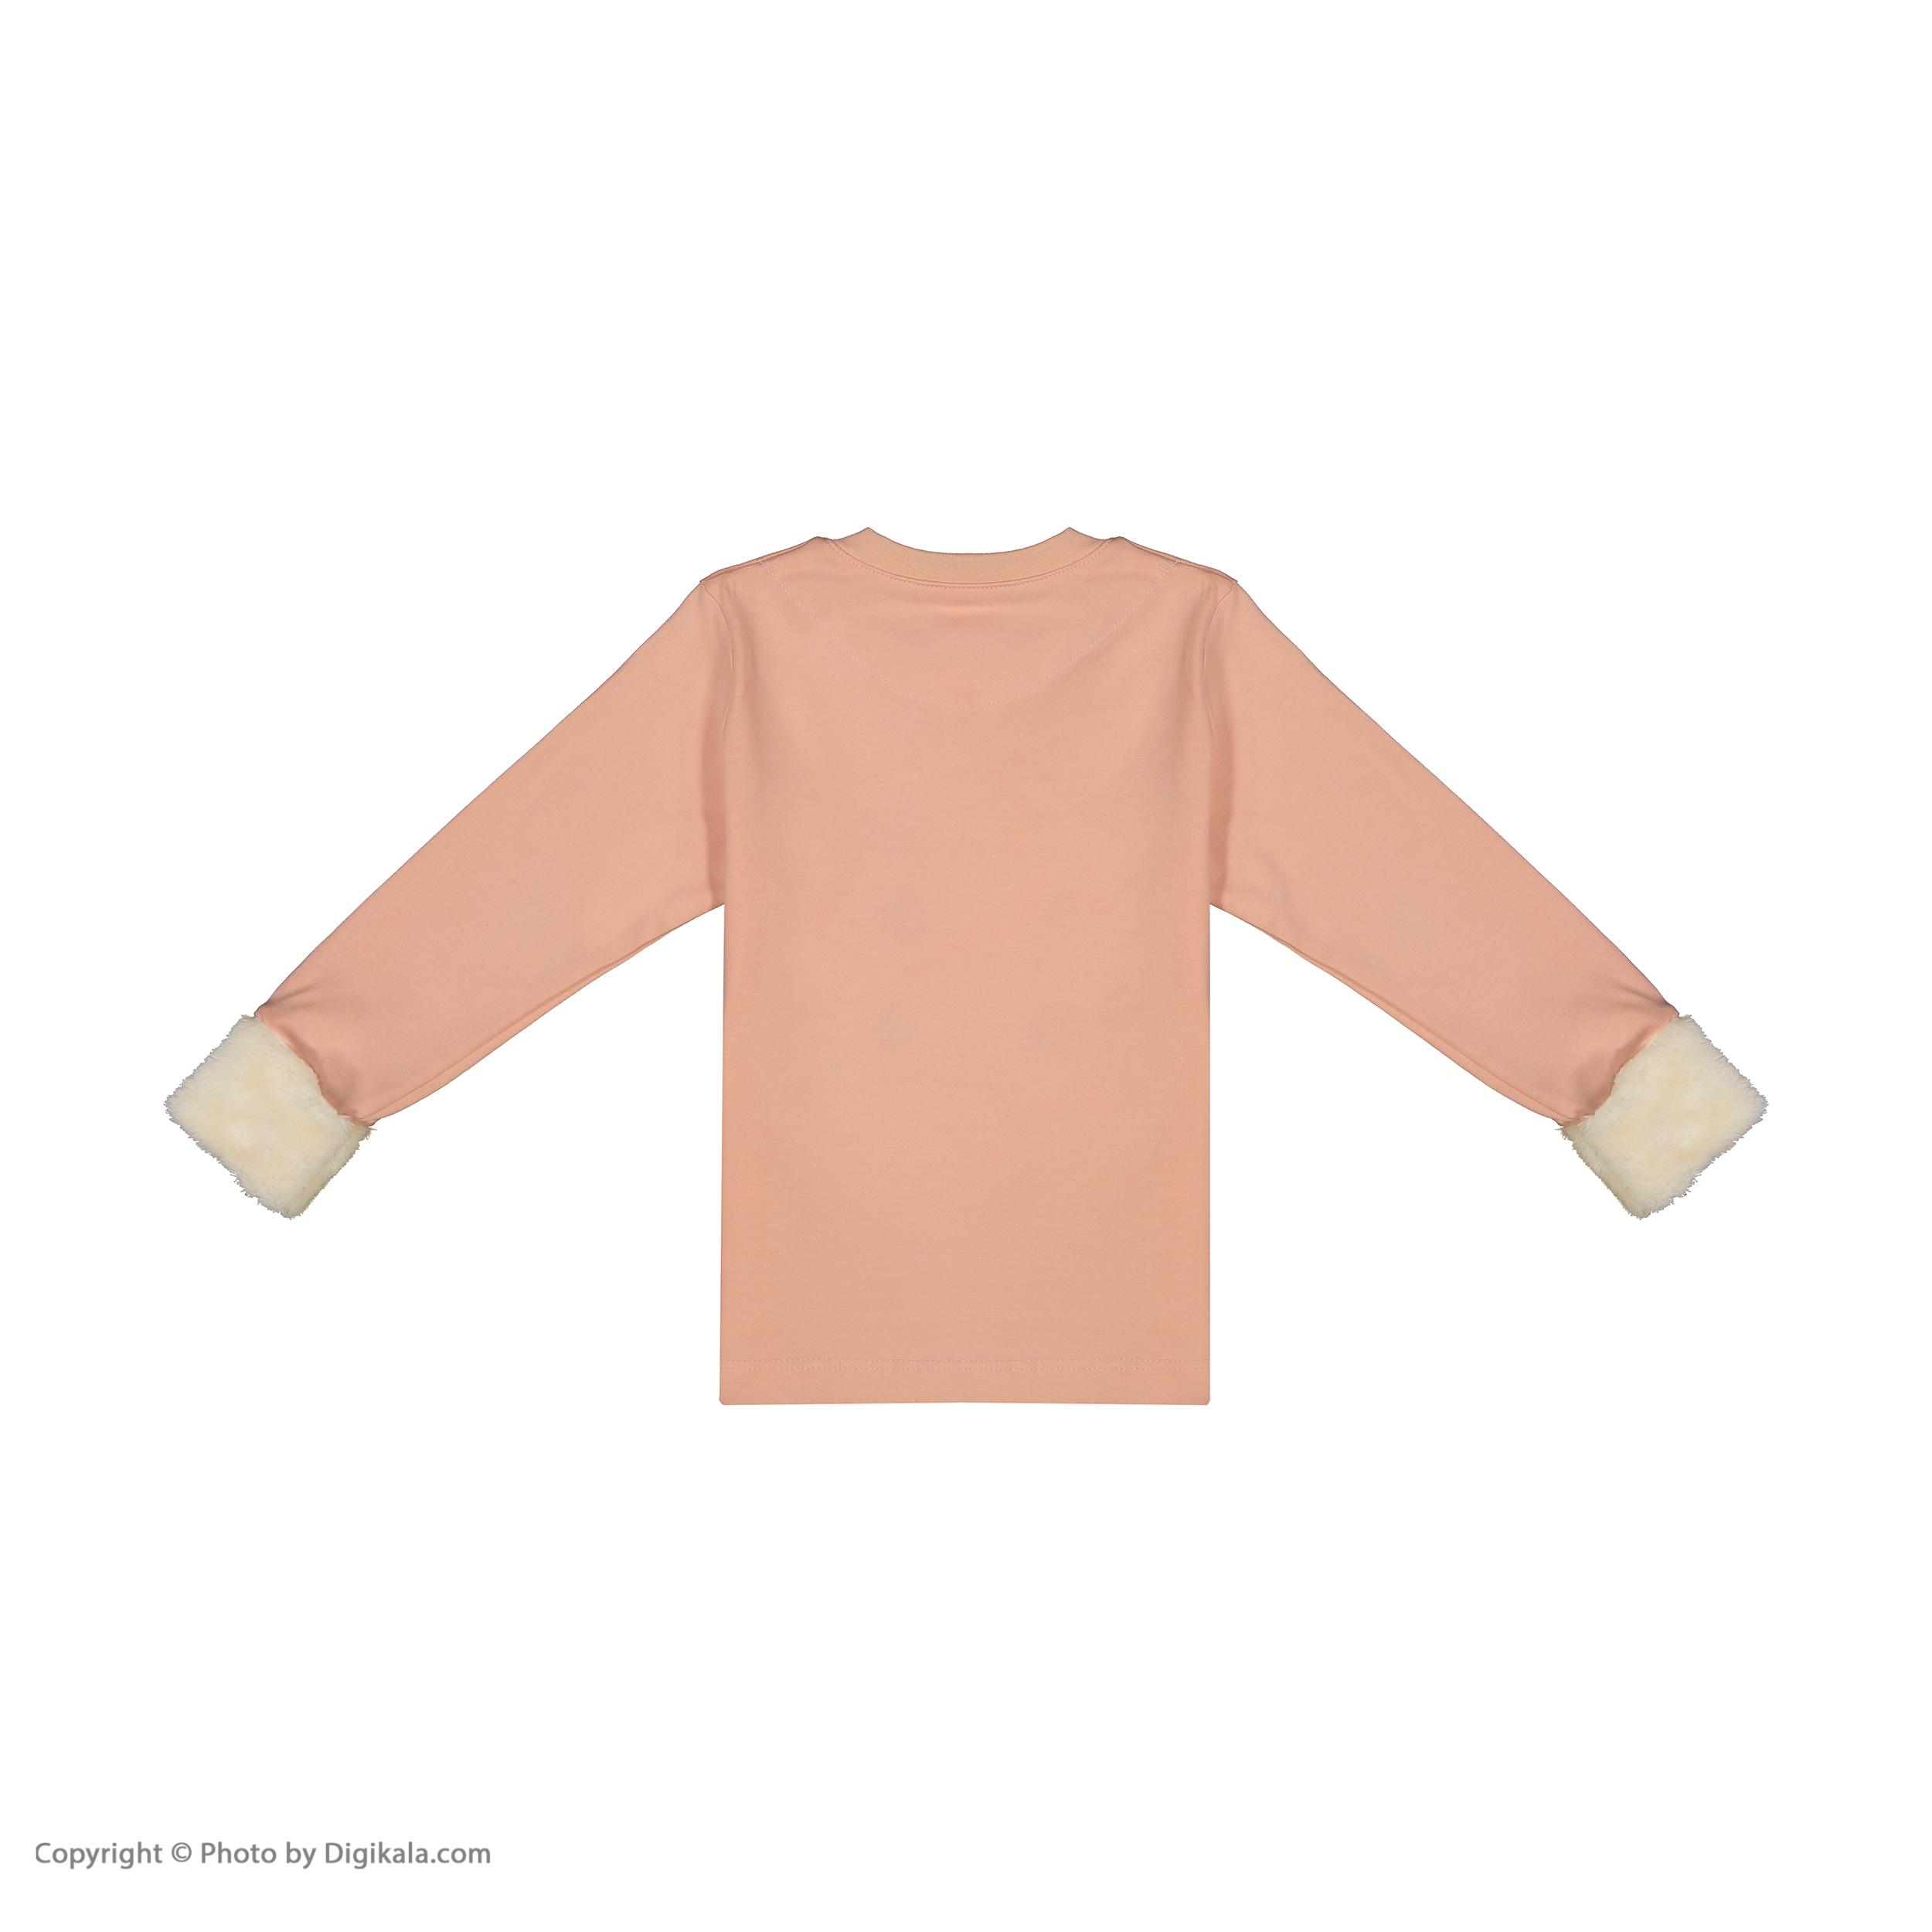 ست تی شرت و شلوار دخترانه مادر مدل 312-80 main 1 3